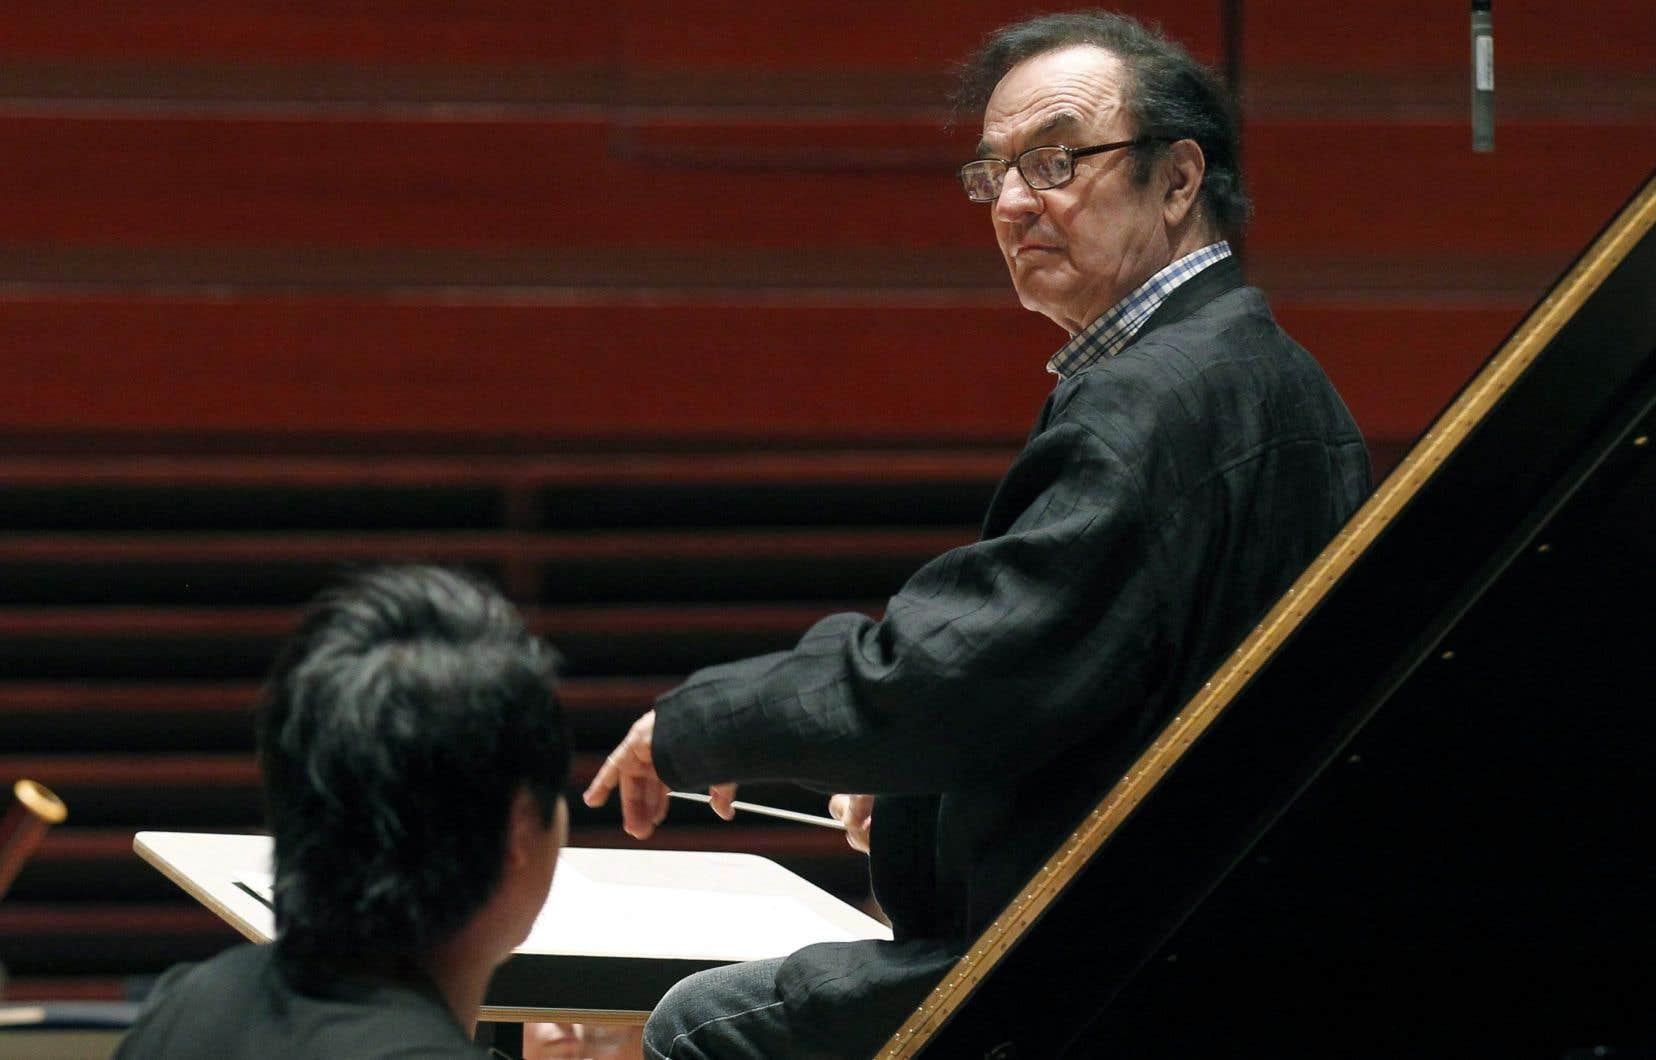 Plusieurs orchestres ont mis fin à leur collaboration avec M.Dutoit.